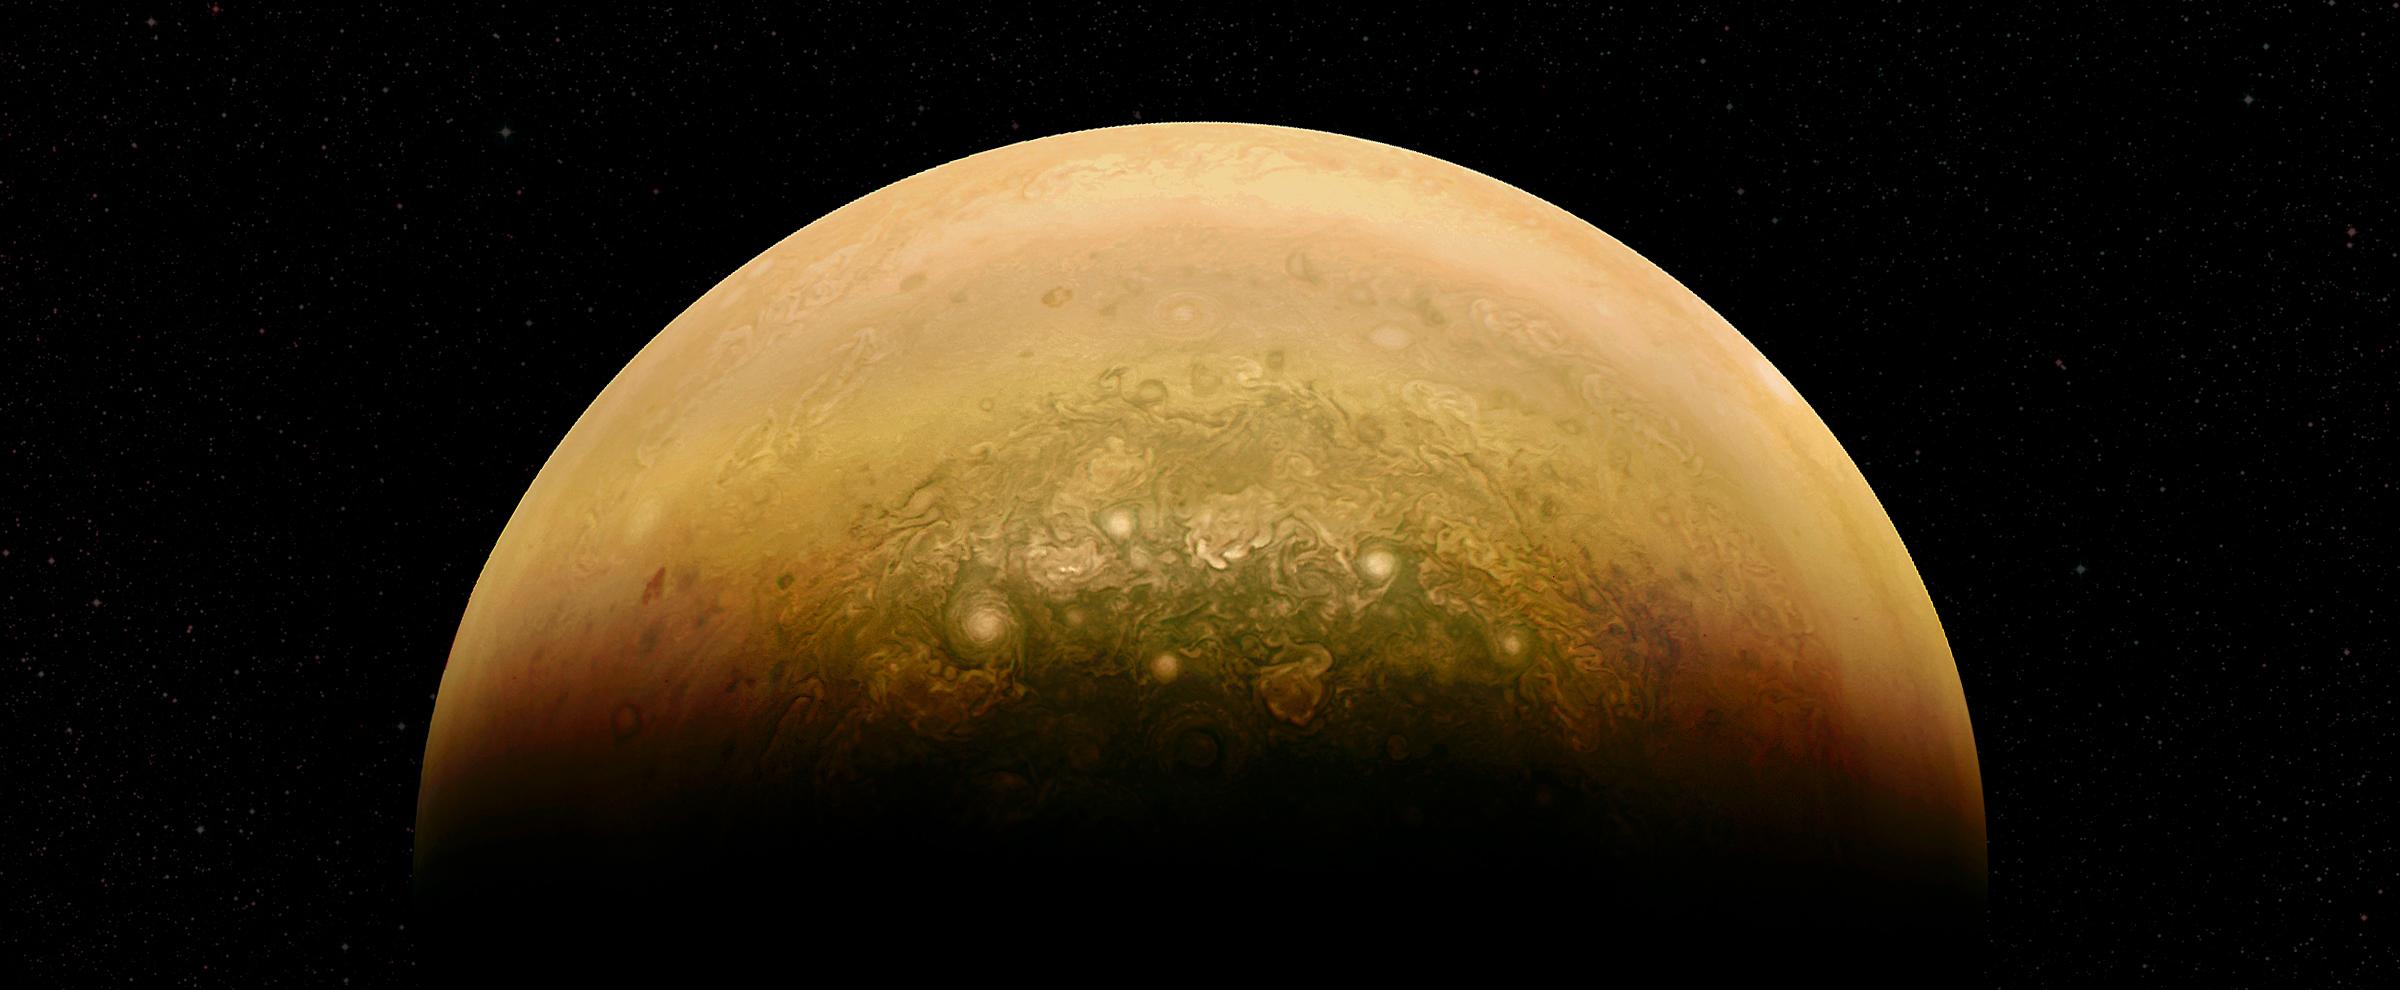 木星の南極の最新超高解像度画像が公開